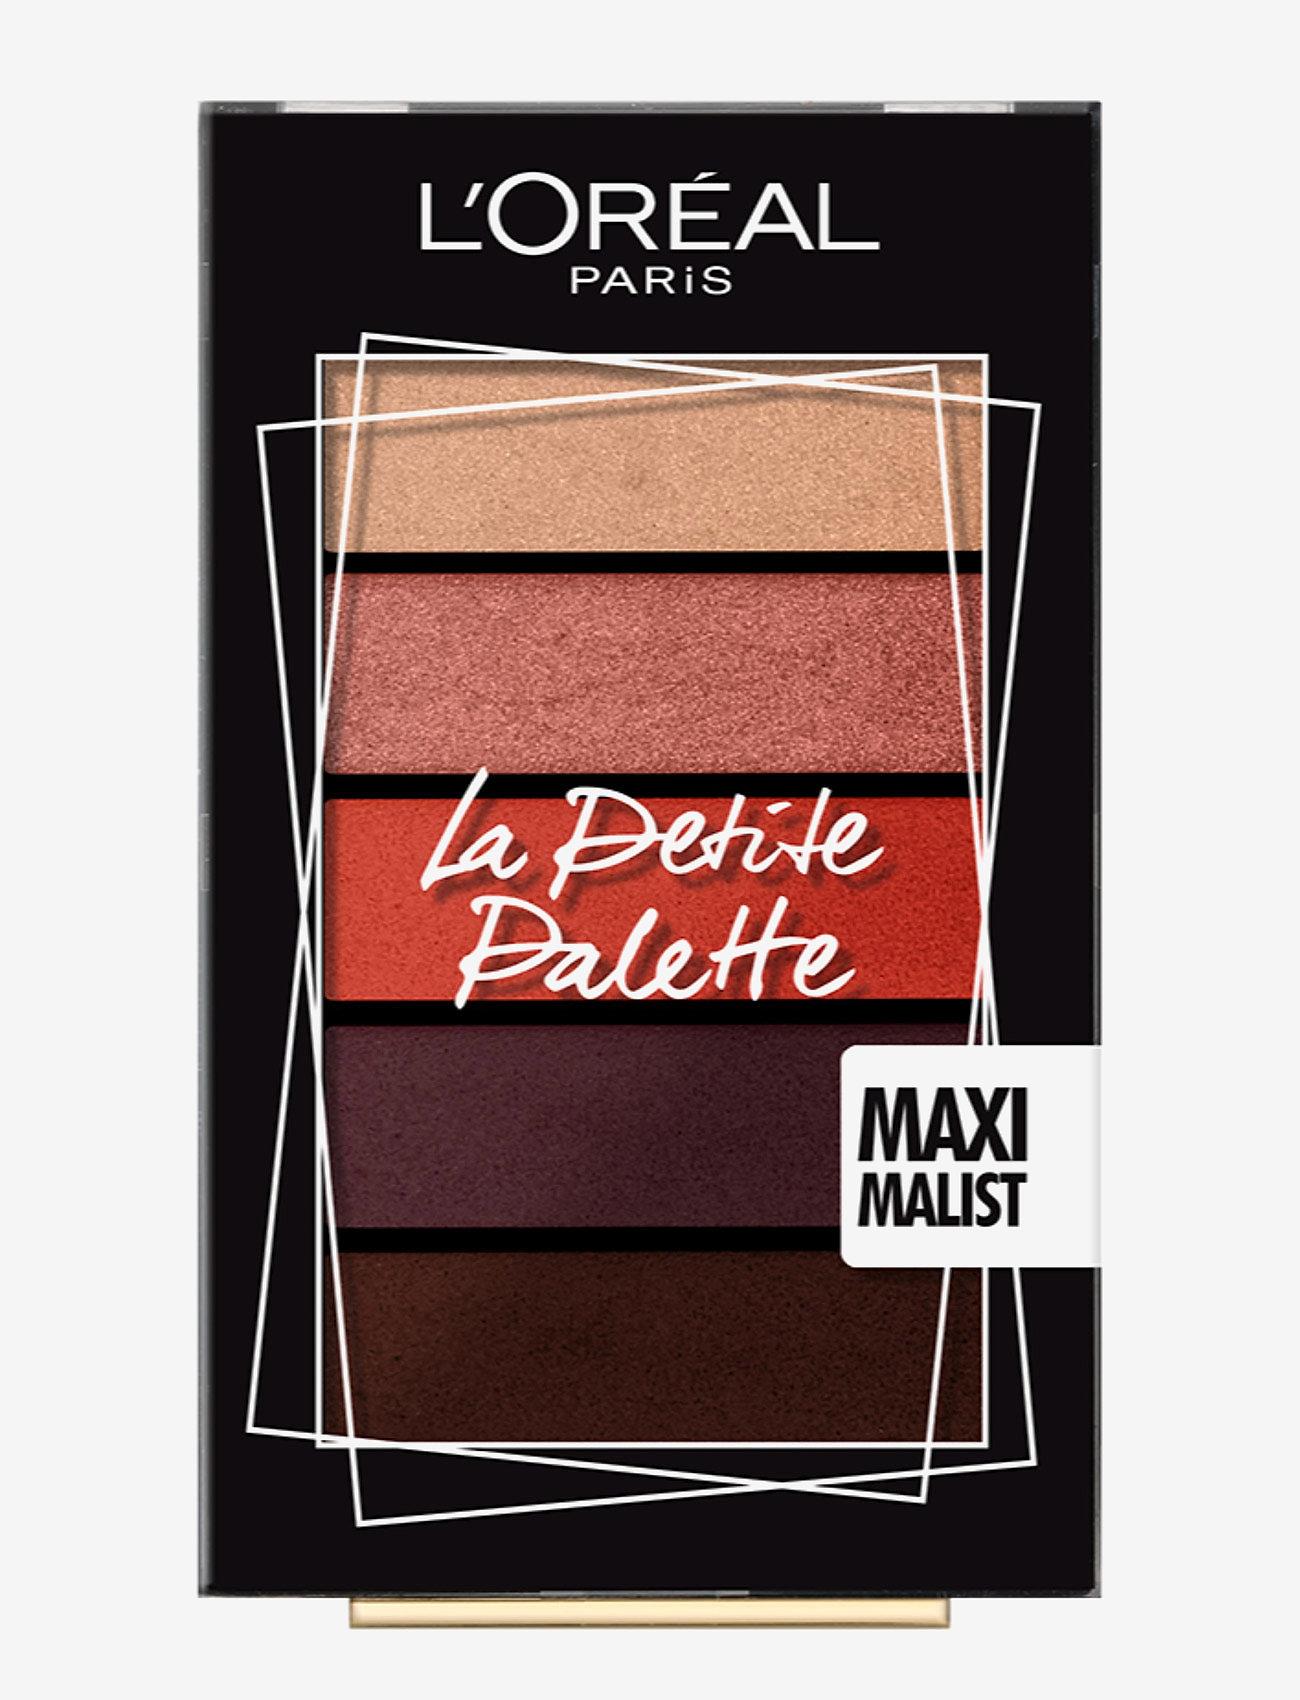 L'Oréal Paris - La Petite Palette Eyeshadow - Øjenskyggepalet - 01 le marais - 0